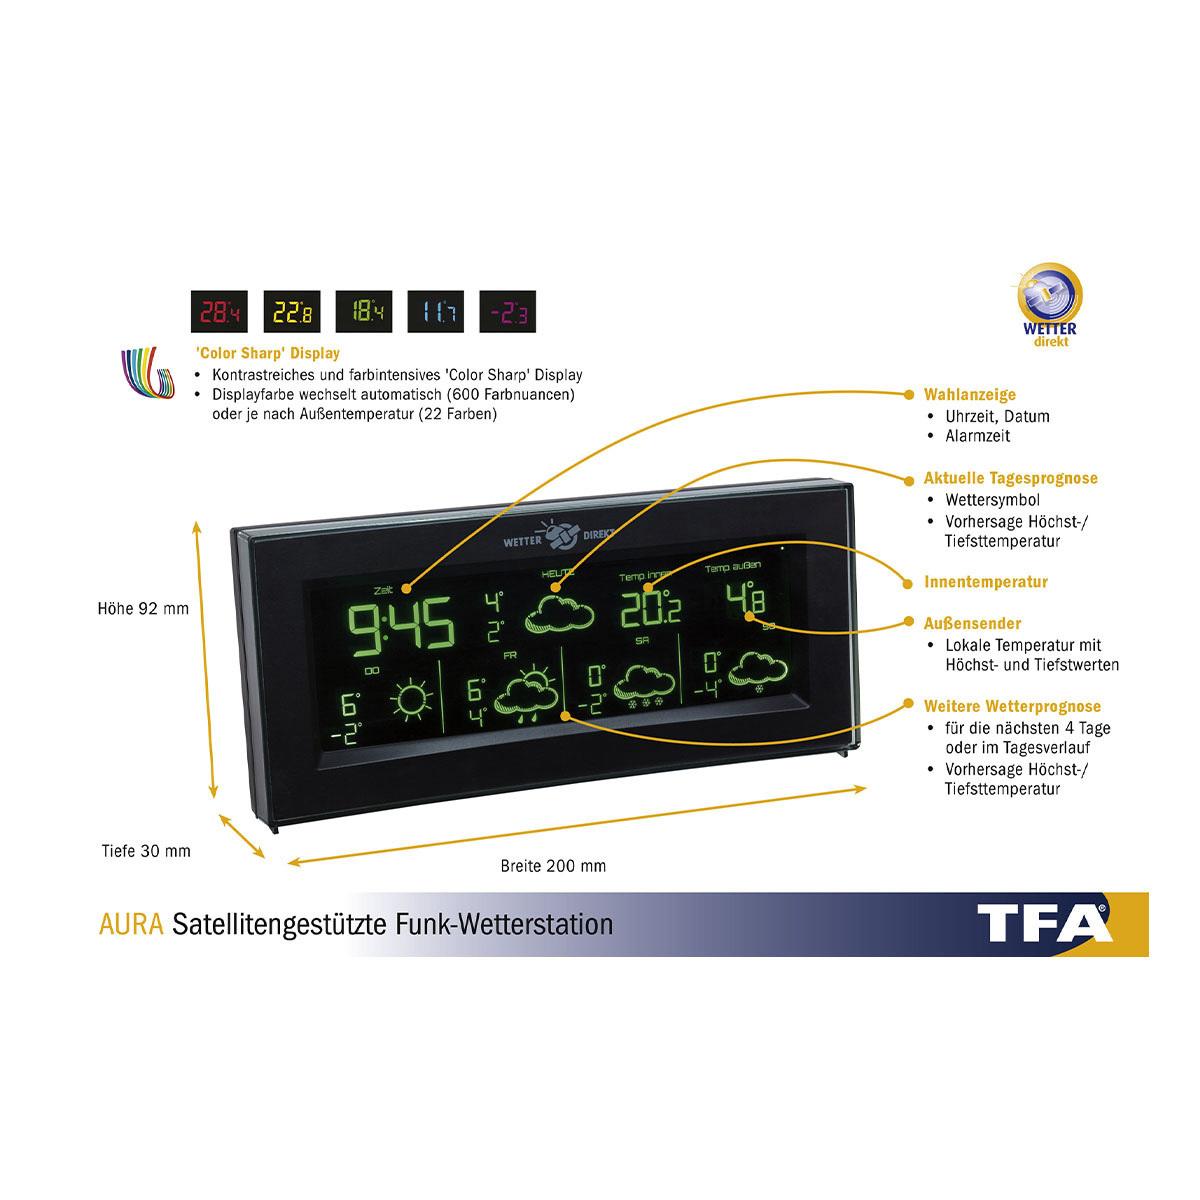 35-5061-01-it-satellitengestützte-funk-wetterstation-mit-color-sharp-display-aura-abmessungen-1200x1200px.jpg